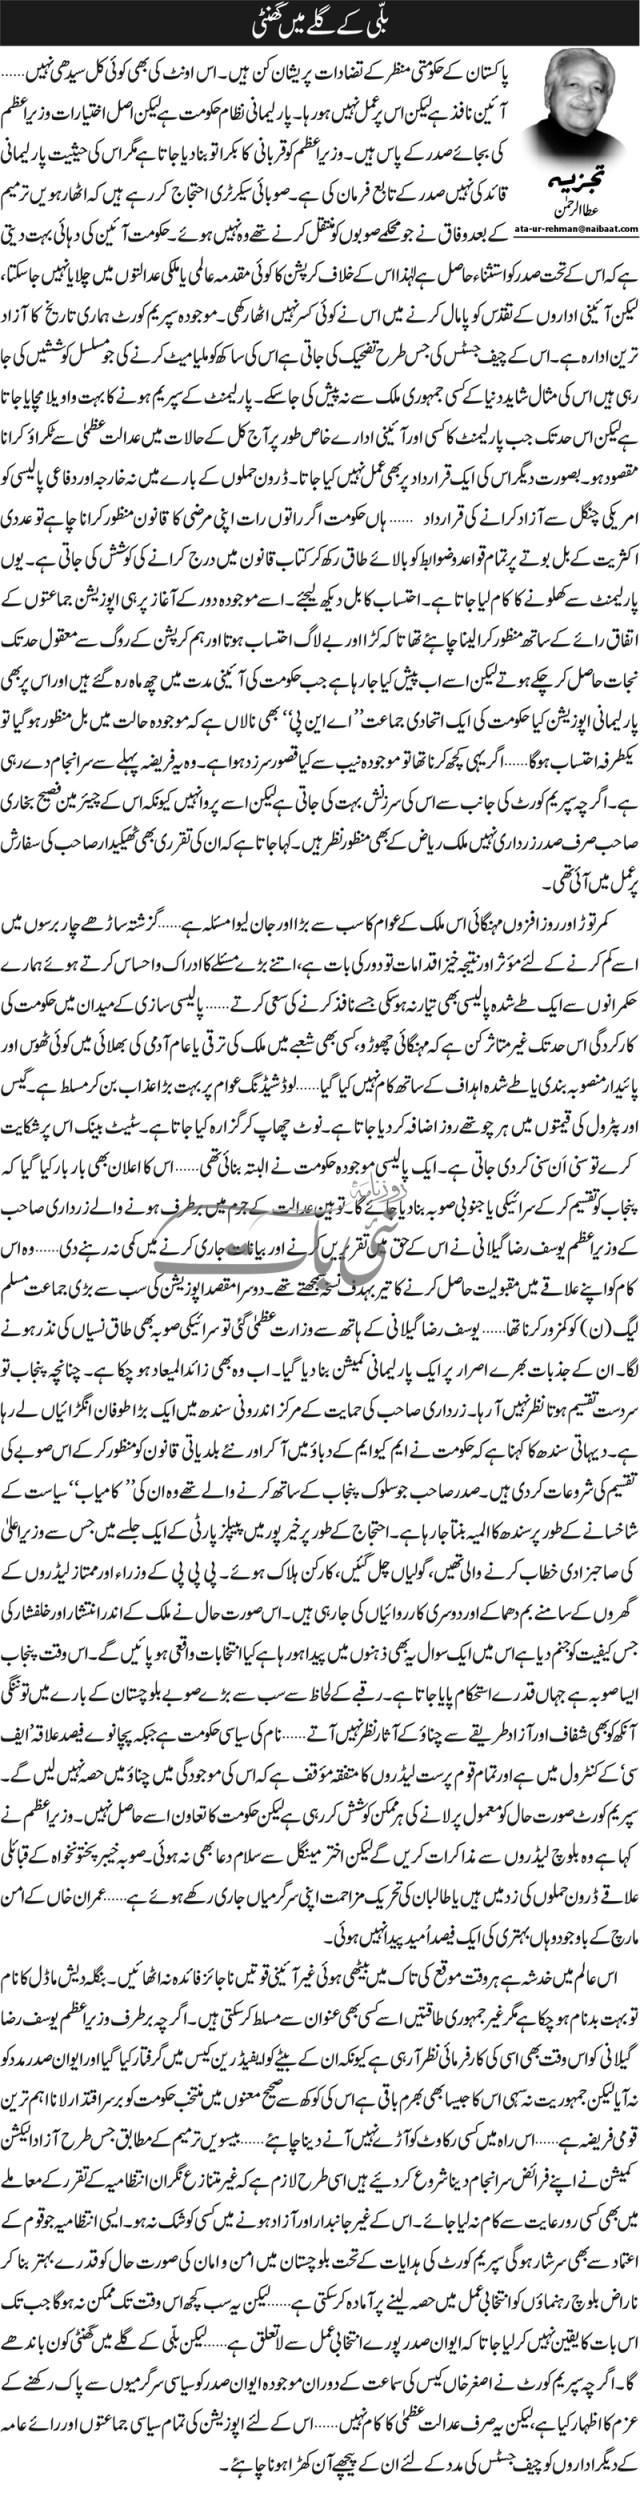 Billi k galay main ghanti - Ata ur Rehman